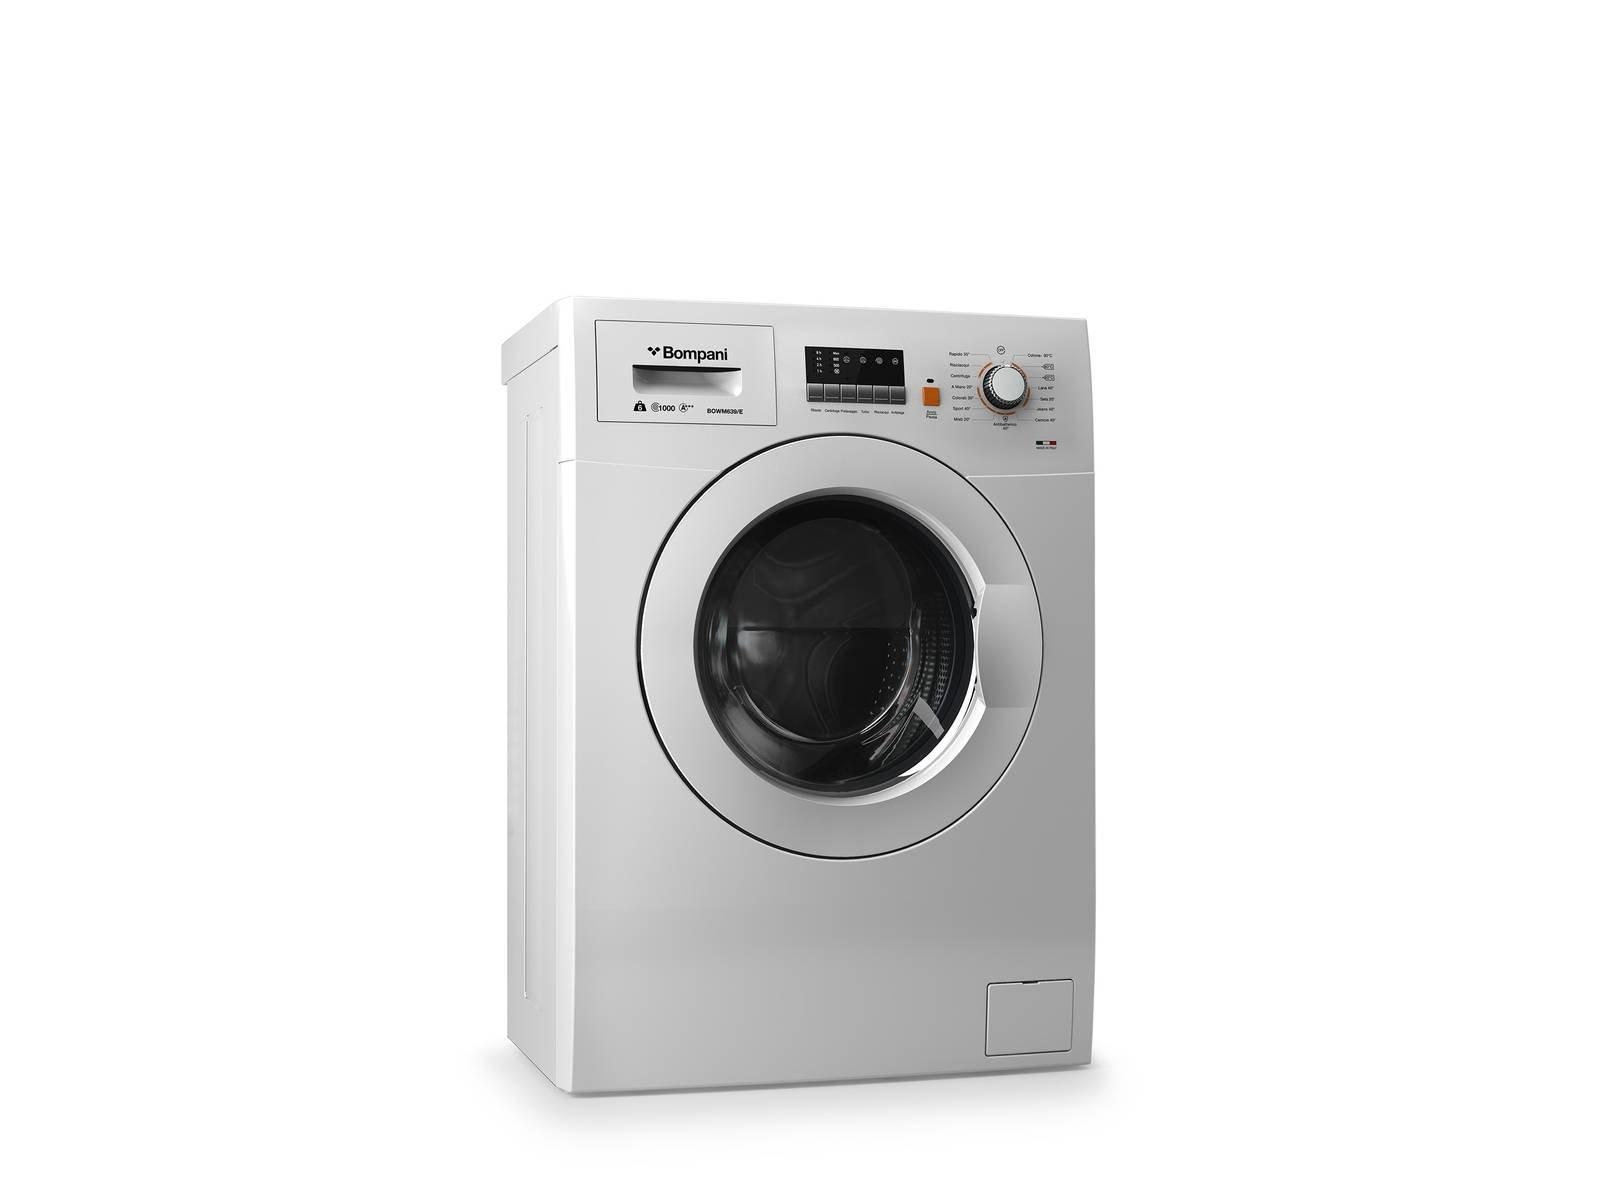 ... La Lavatrice A Carica Frontale Lavinia Mod. BOWM639/E Di Bompani è  Profonda 39 ...